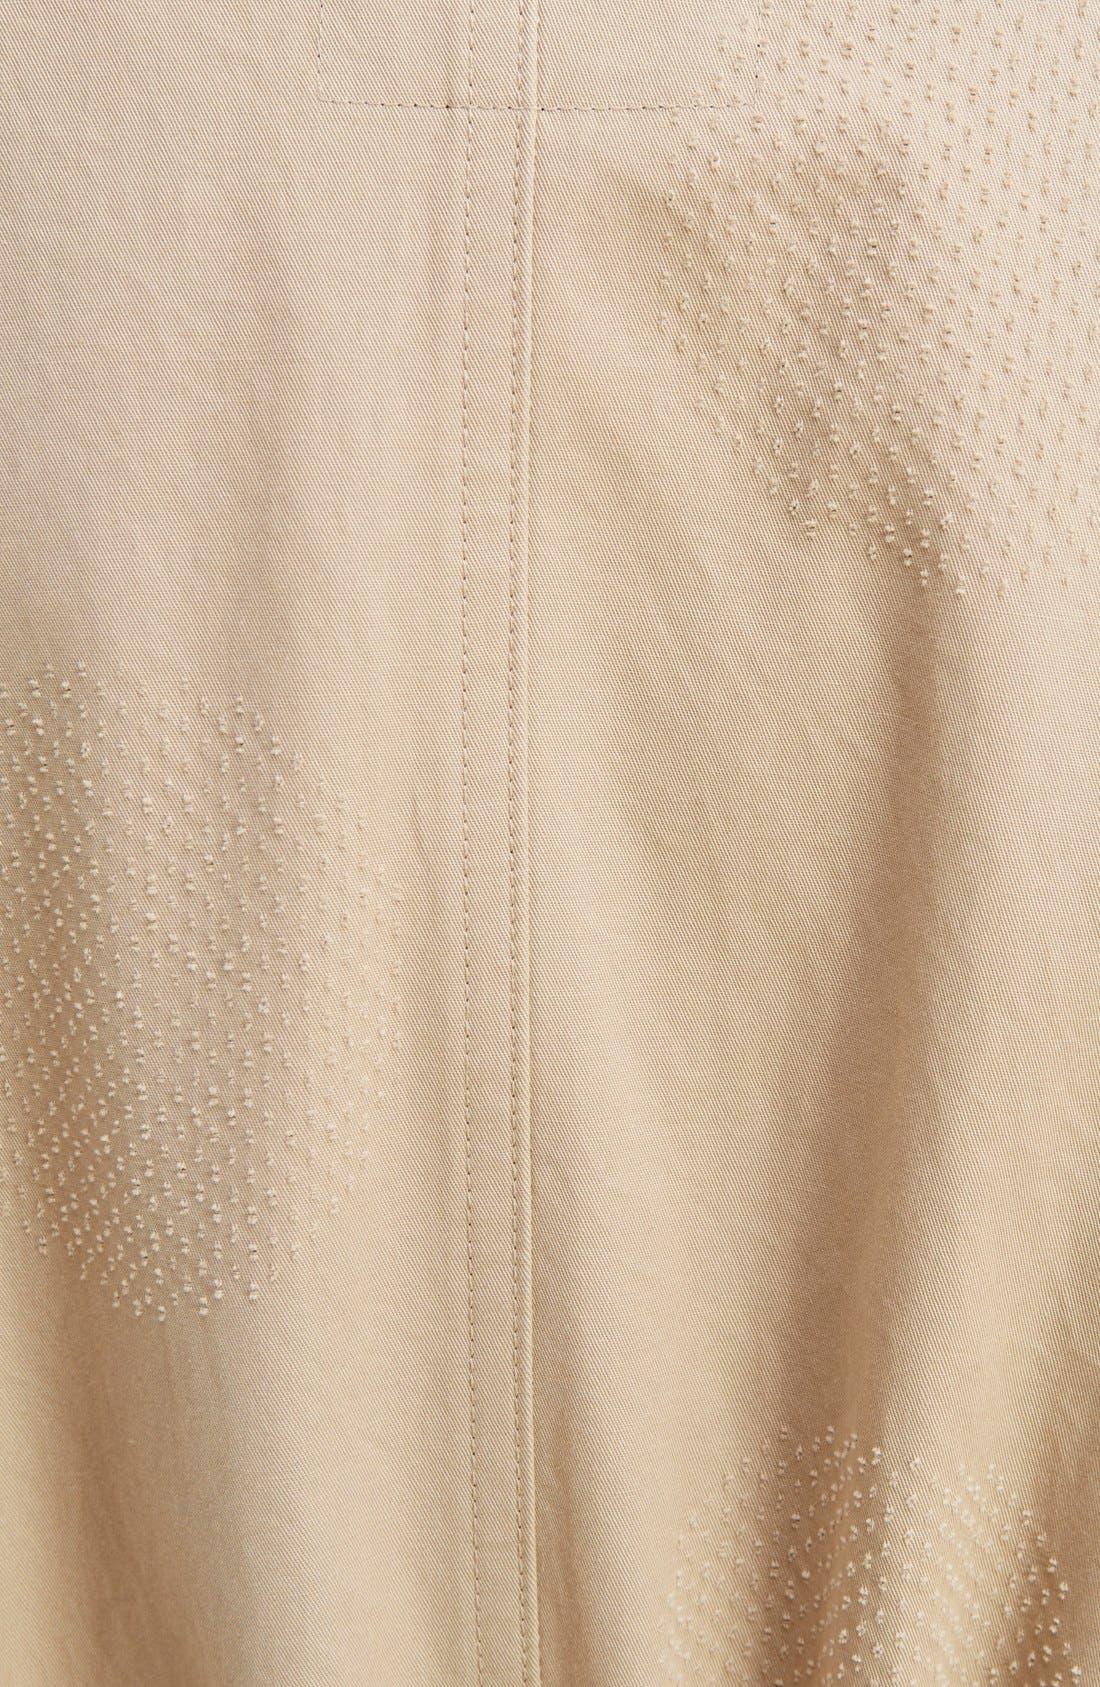 U-Gown Coat,                             Alternate thumbnail 3, color,                             Beige